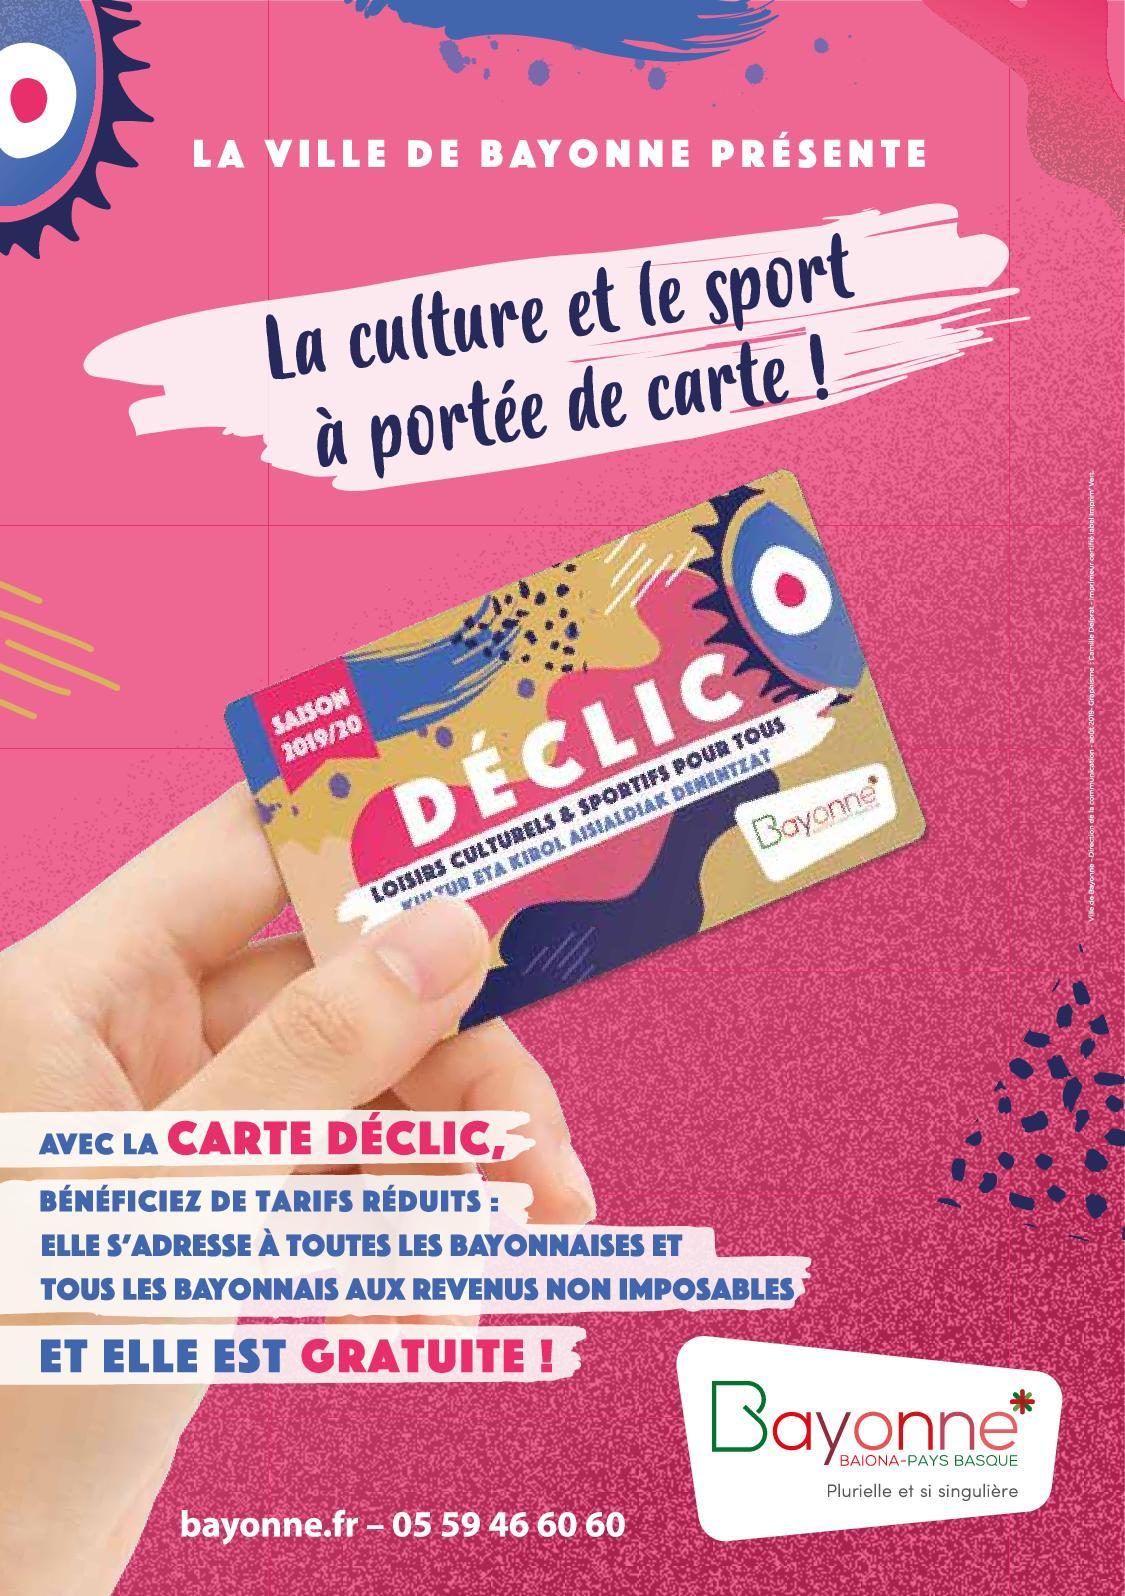 Calaméo - Carte Déclic Bayonne 2019-2020 à Centre Aquatique Des Hauts De Bayonne Piscine Bayonne